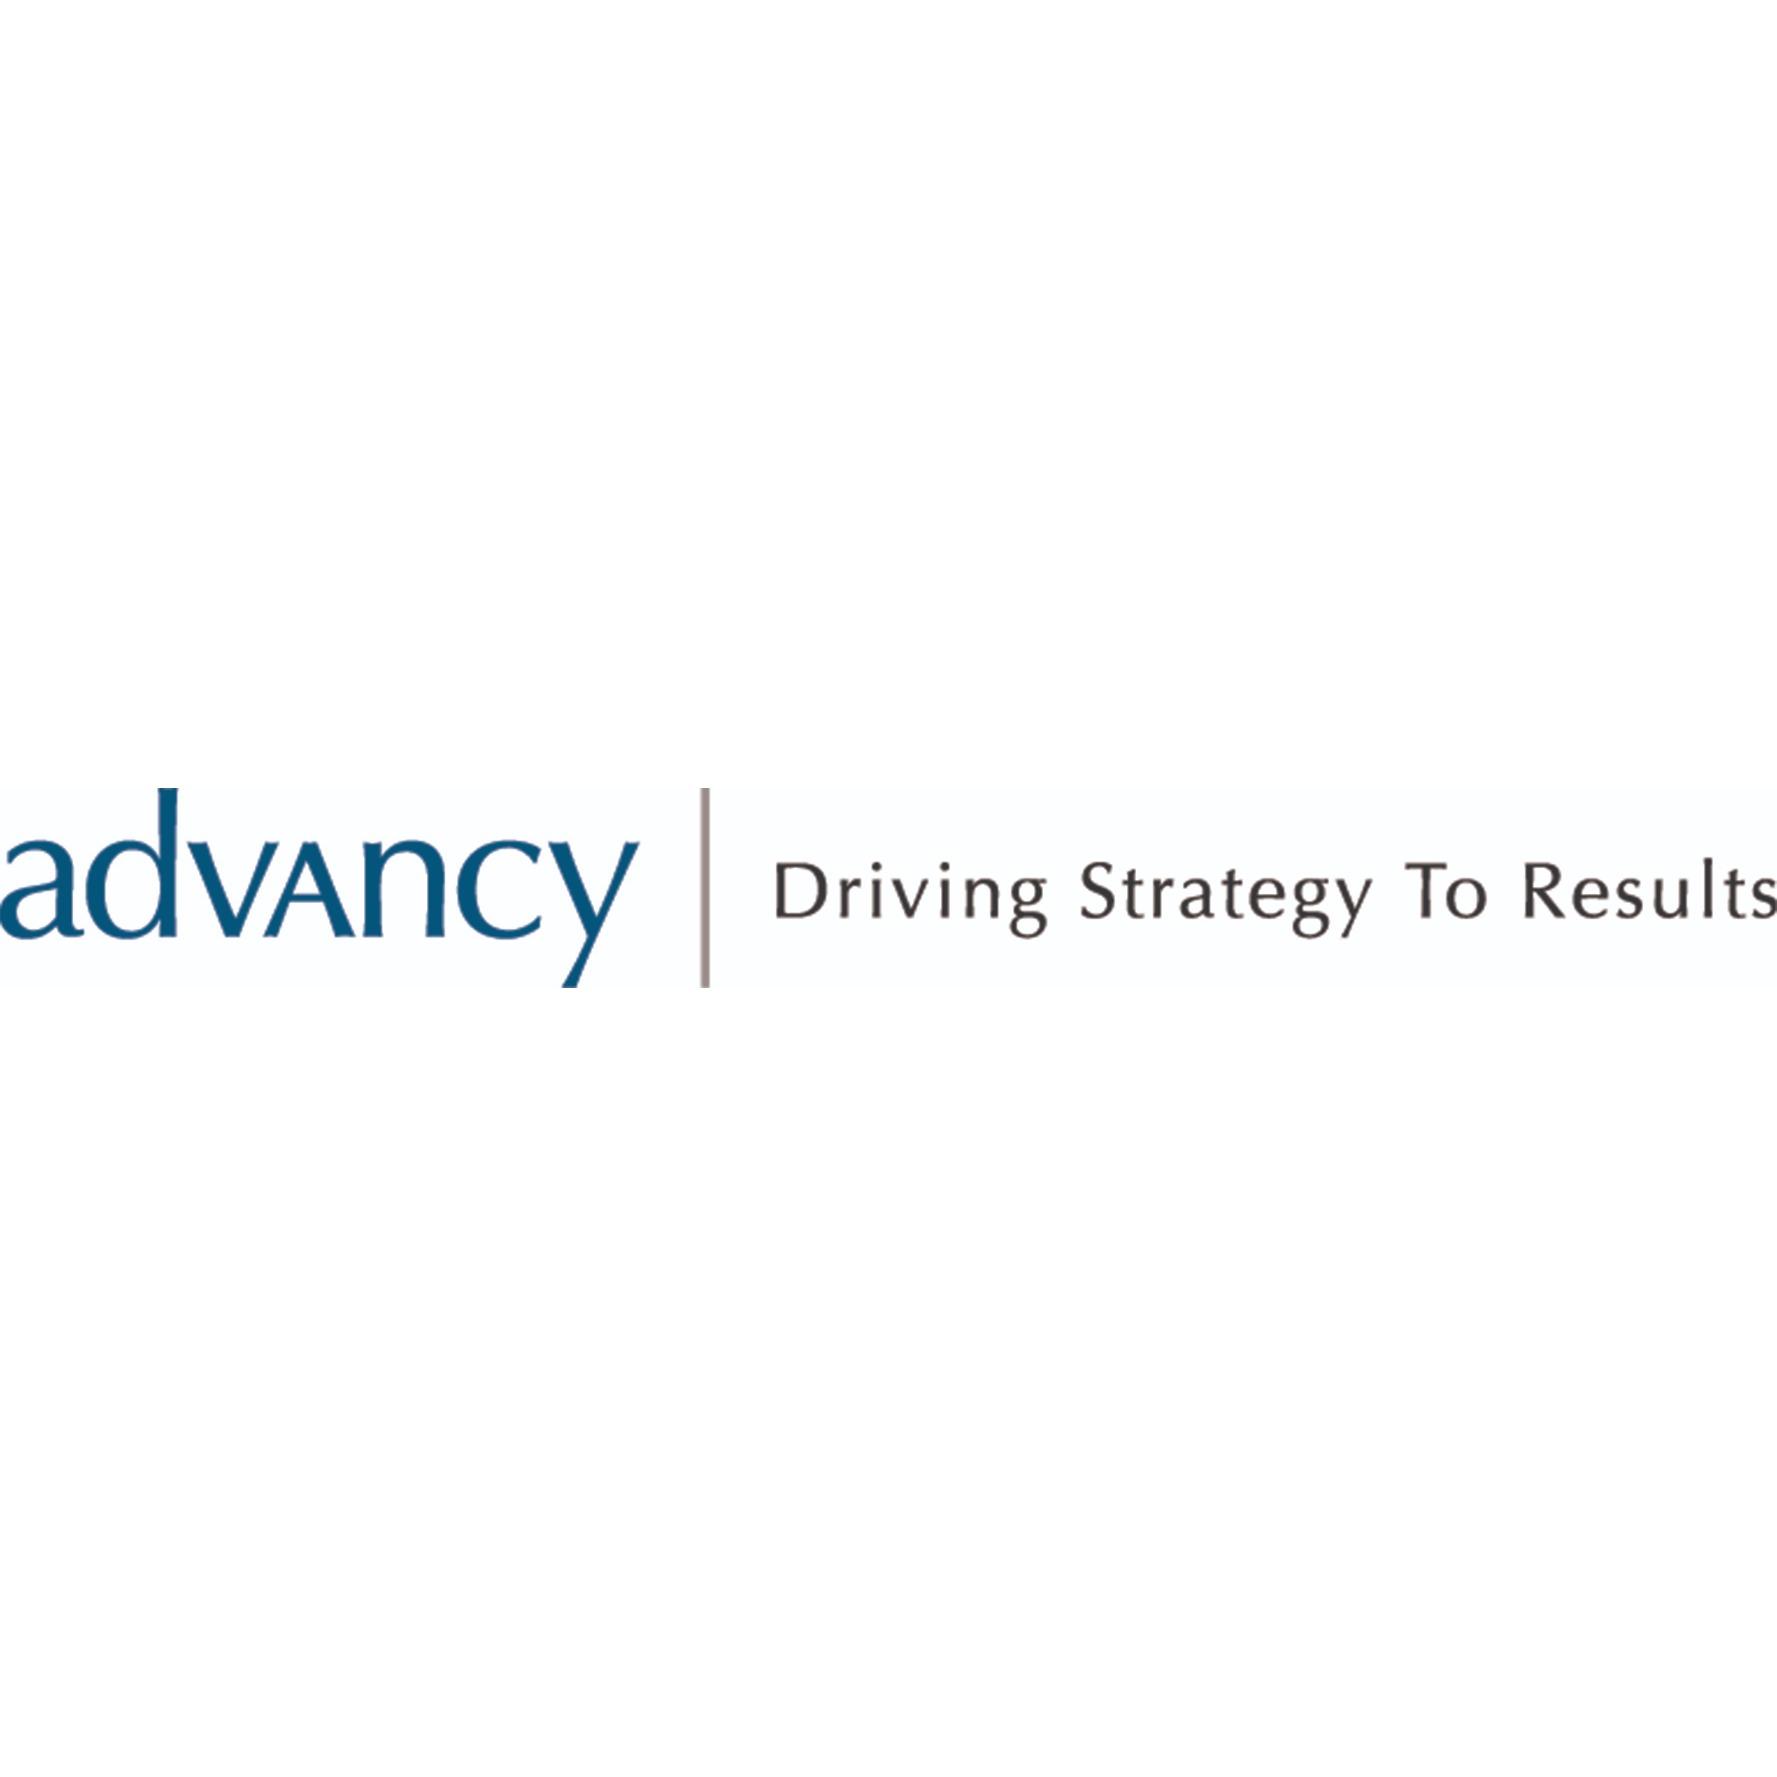 the Advancy logo.